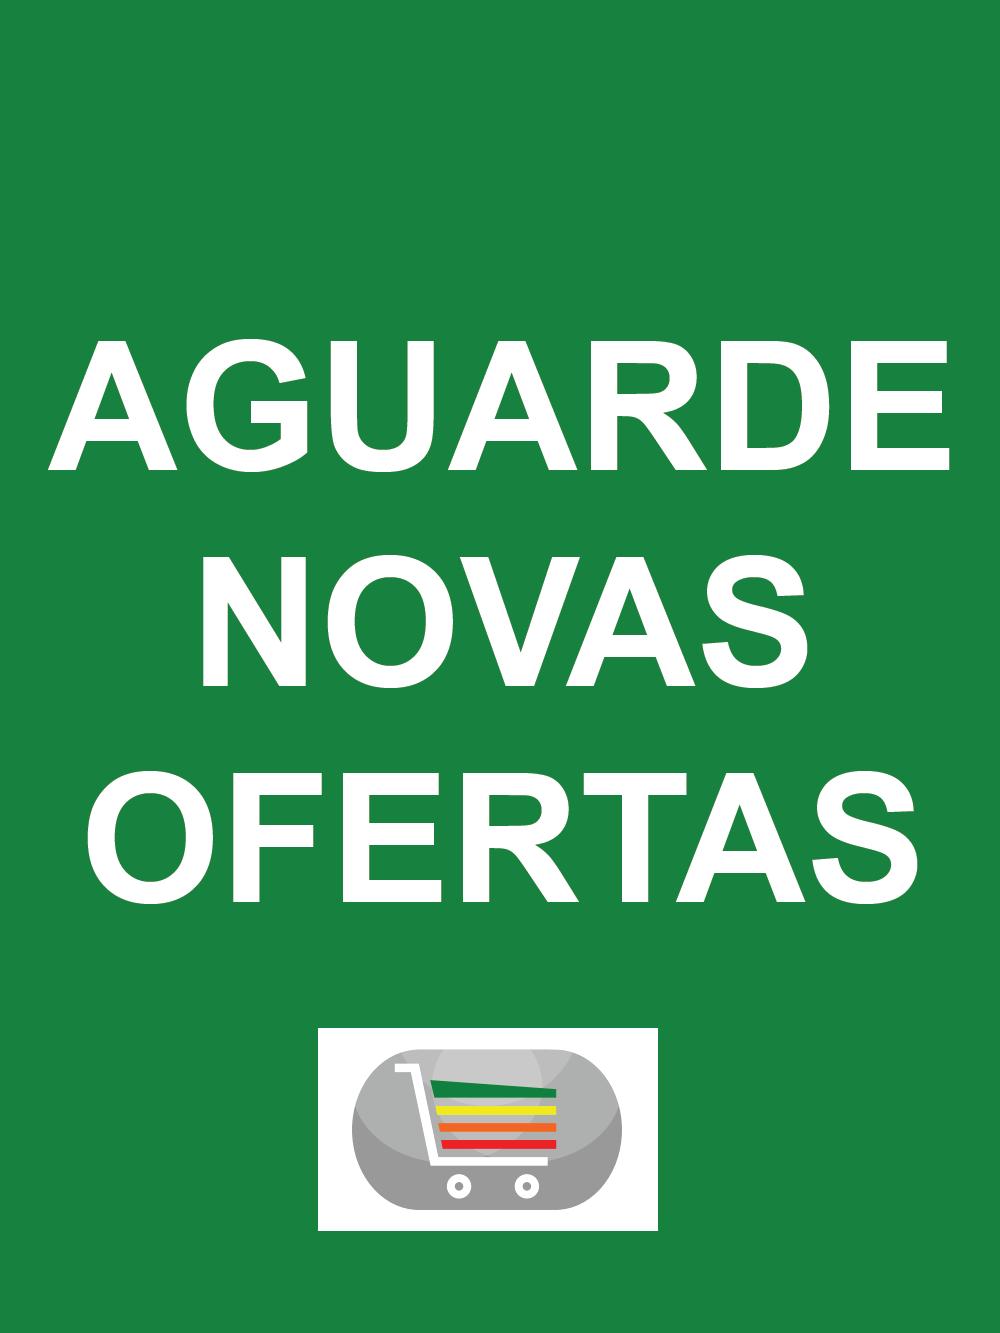 ofertas_de_supermercados-92 Sonda até 17/01